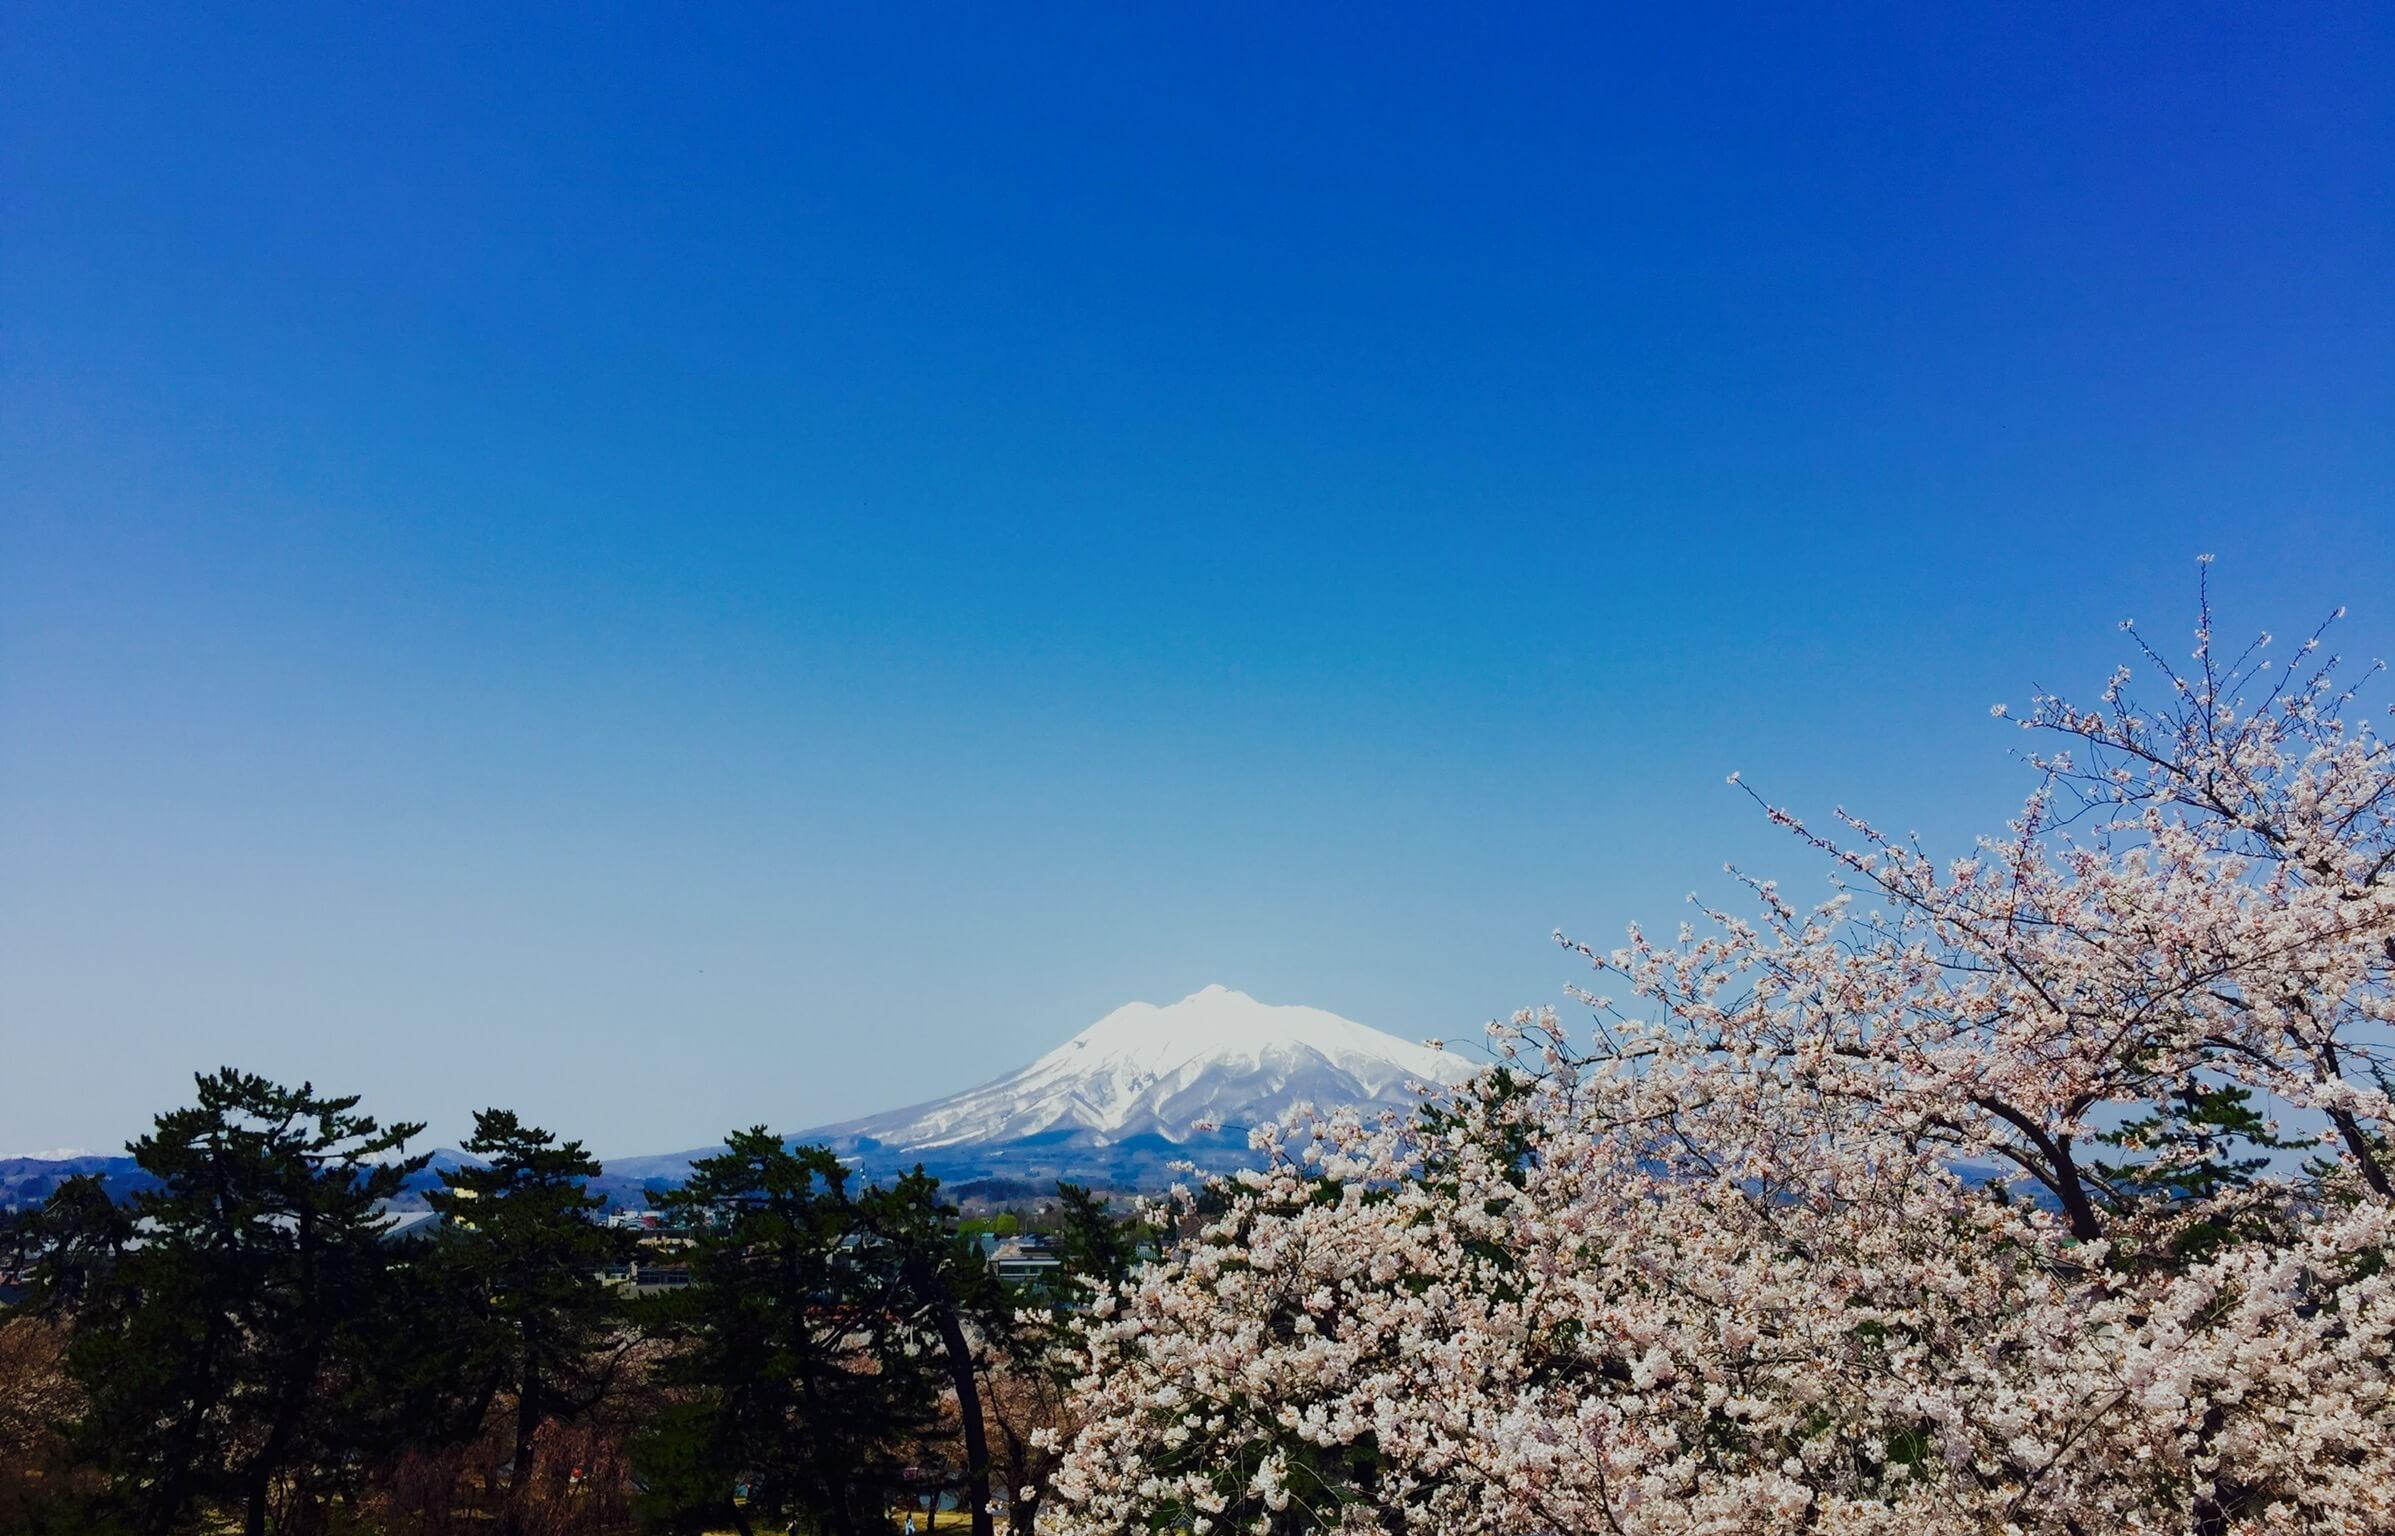 藍天、岩木山、櫻花。